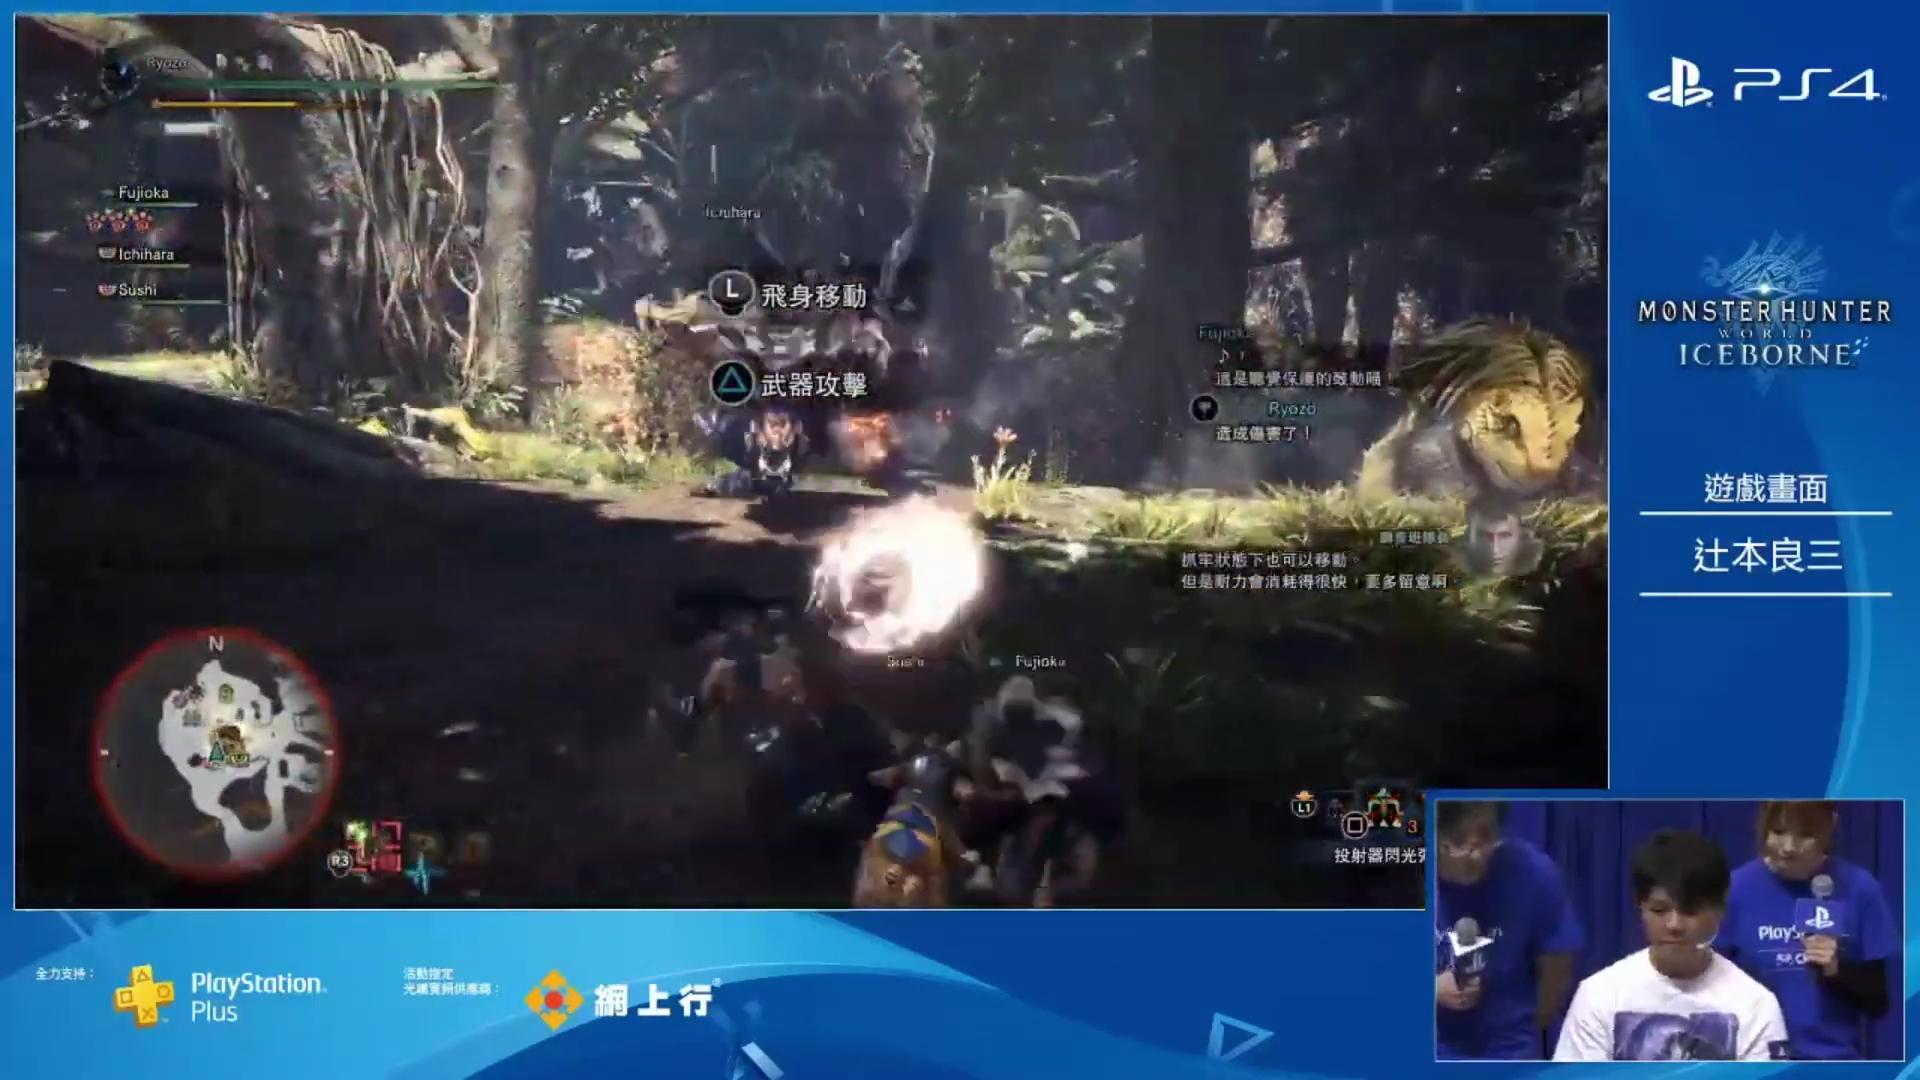 《怪猎世界》冰原DLC斩龙实机讨伐首曝!更有温泉香艳美景